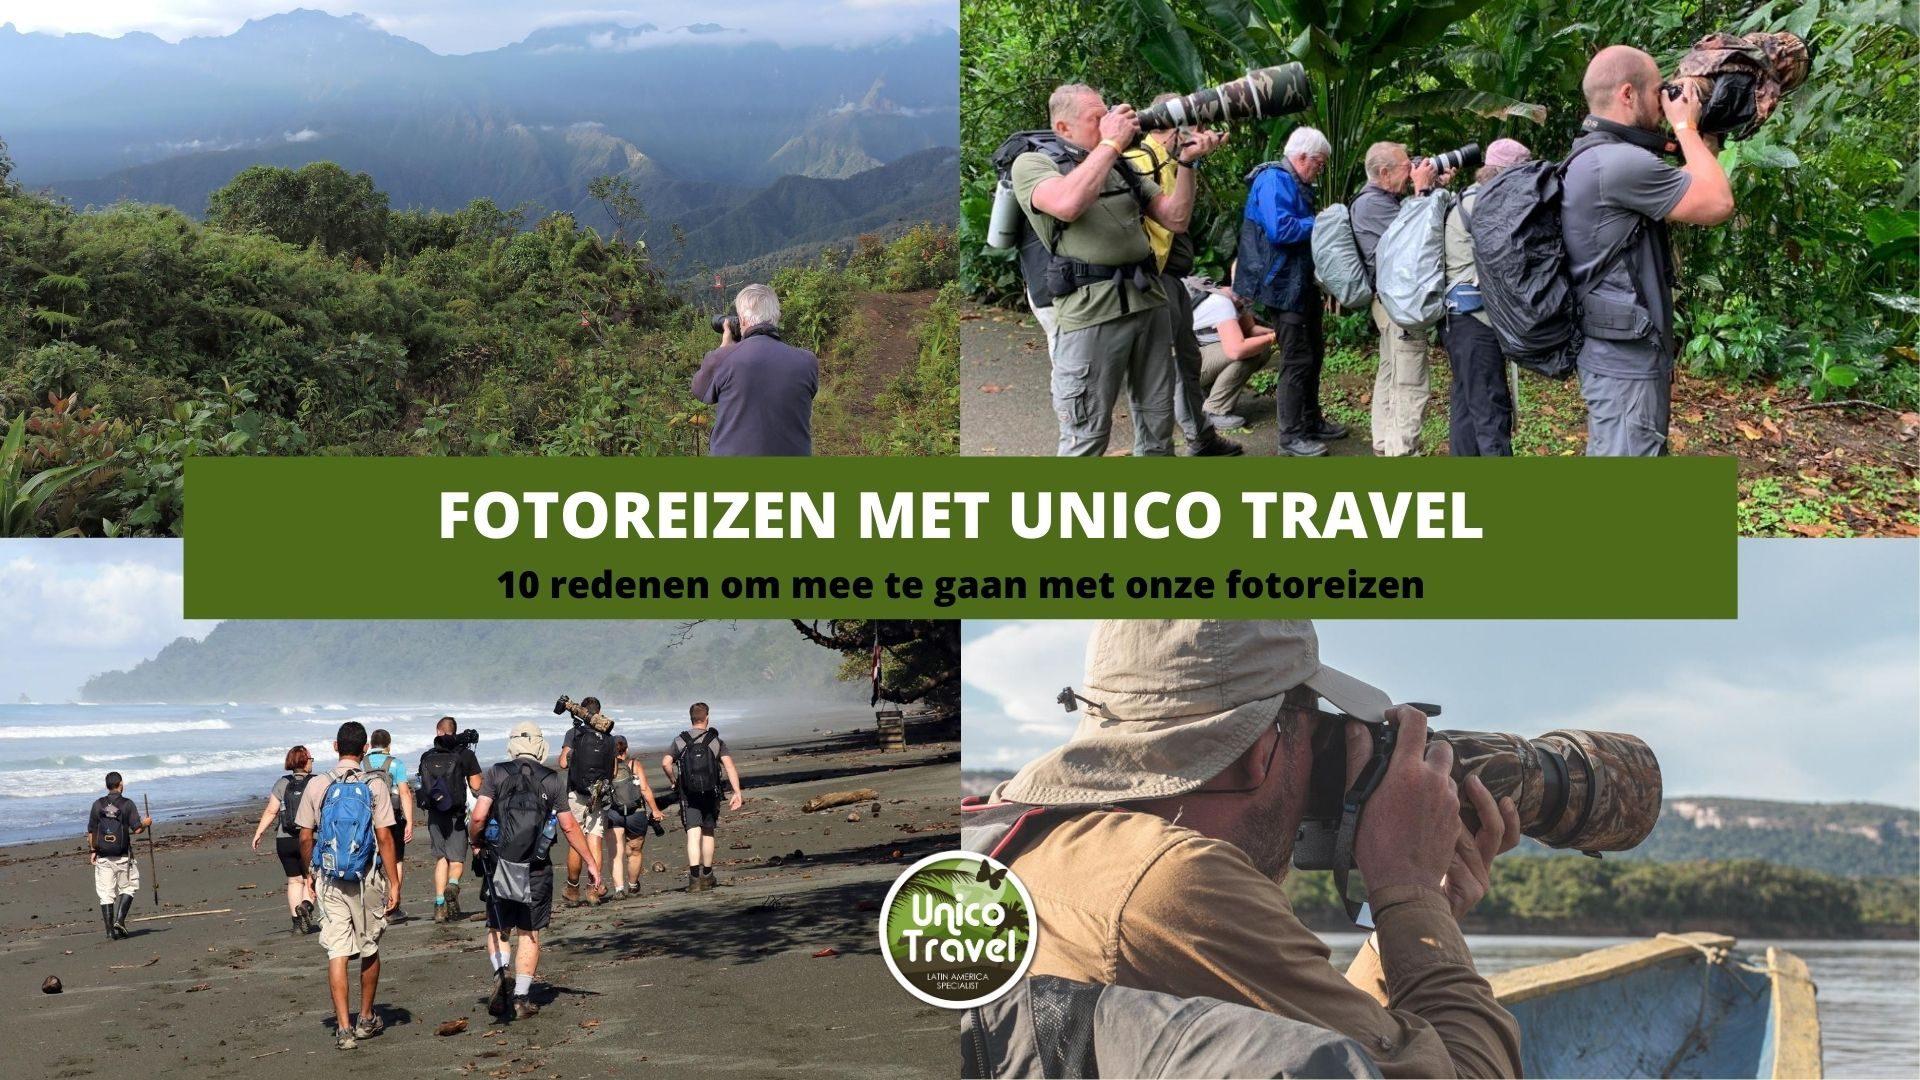 meegaan fotoreizen unico travel